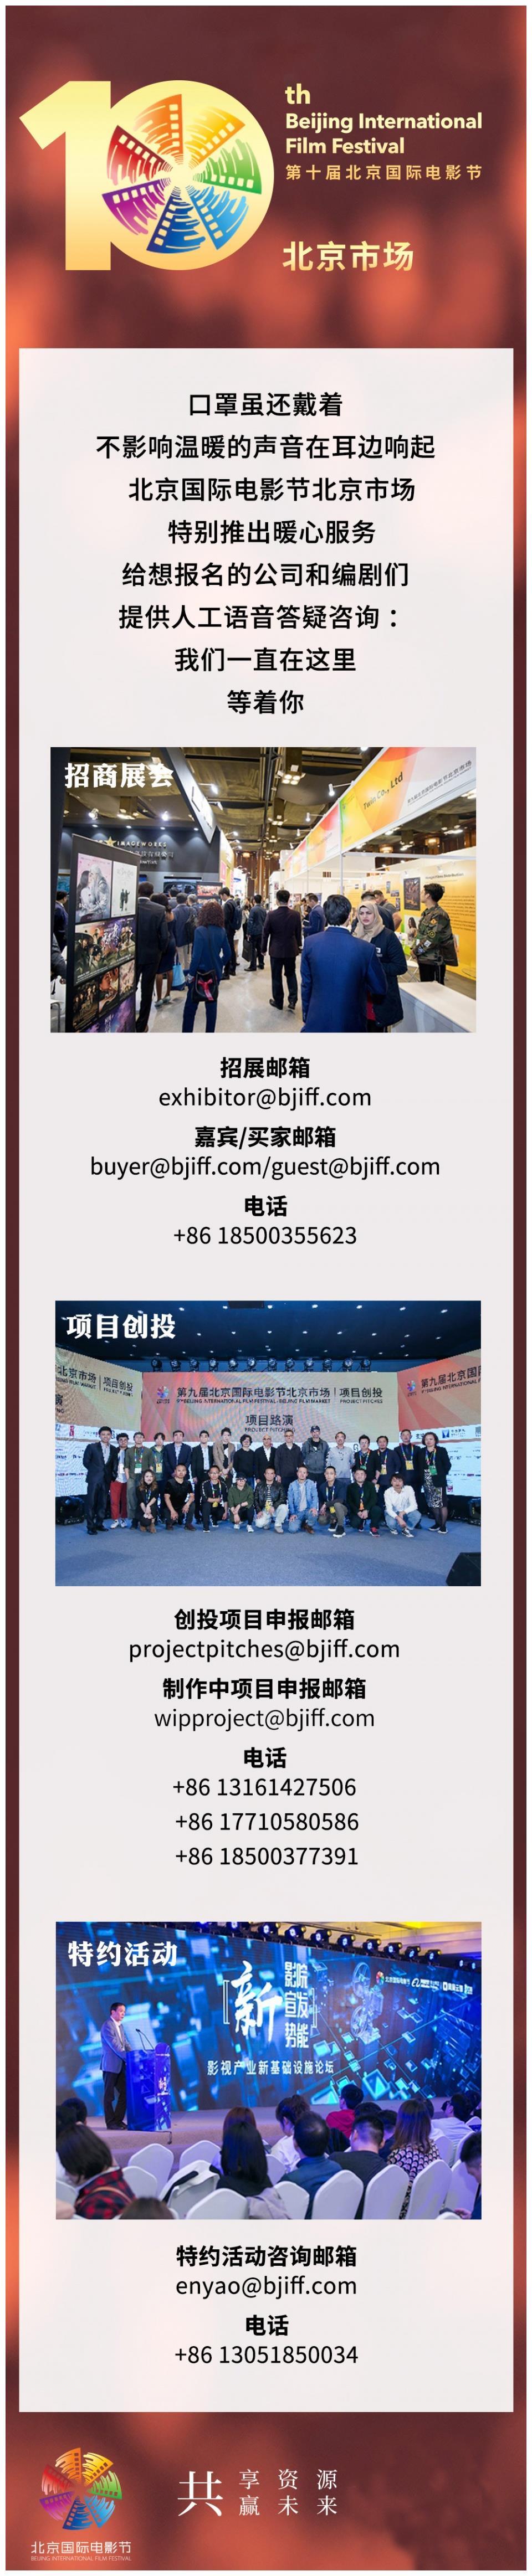 北京国际电影节北京市场特别推出暖心服务,想报名的公司,别错过